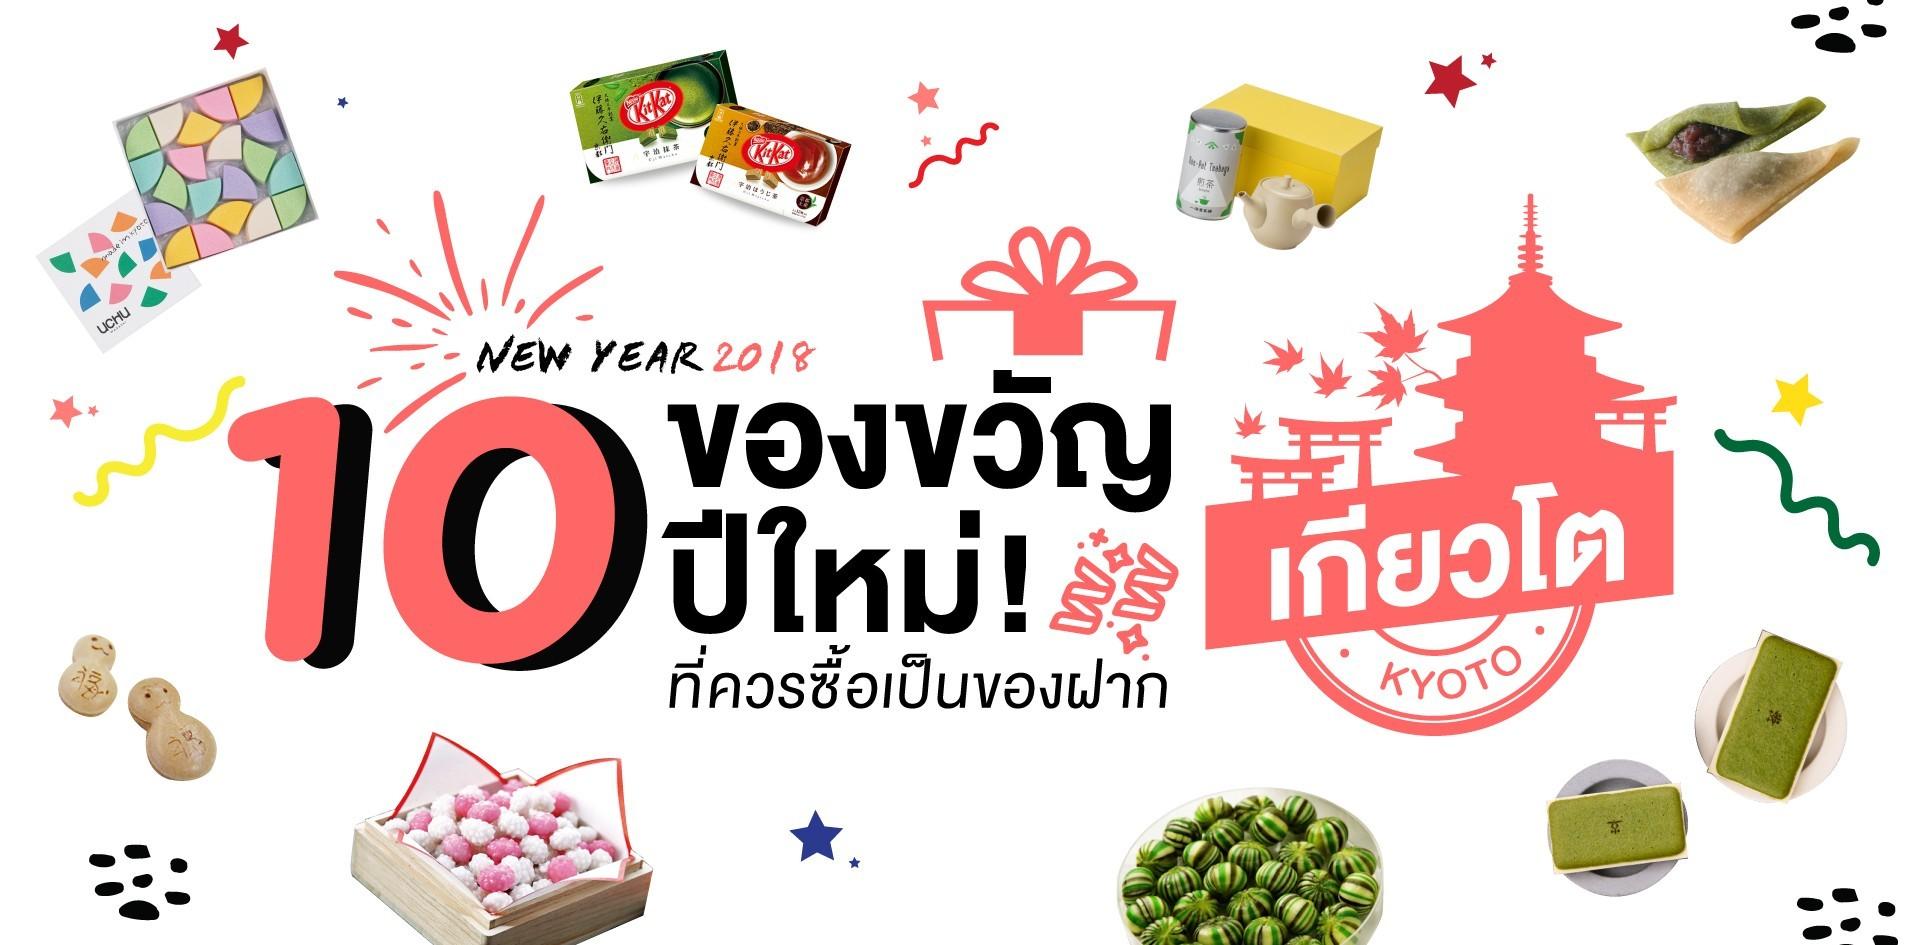 10 ของขวัญวันปีใหม่! ที่ควรซื้อเป็นของฝากเกียวโต